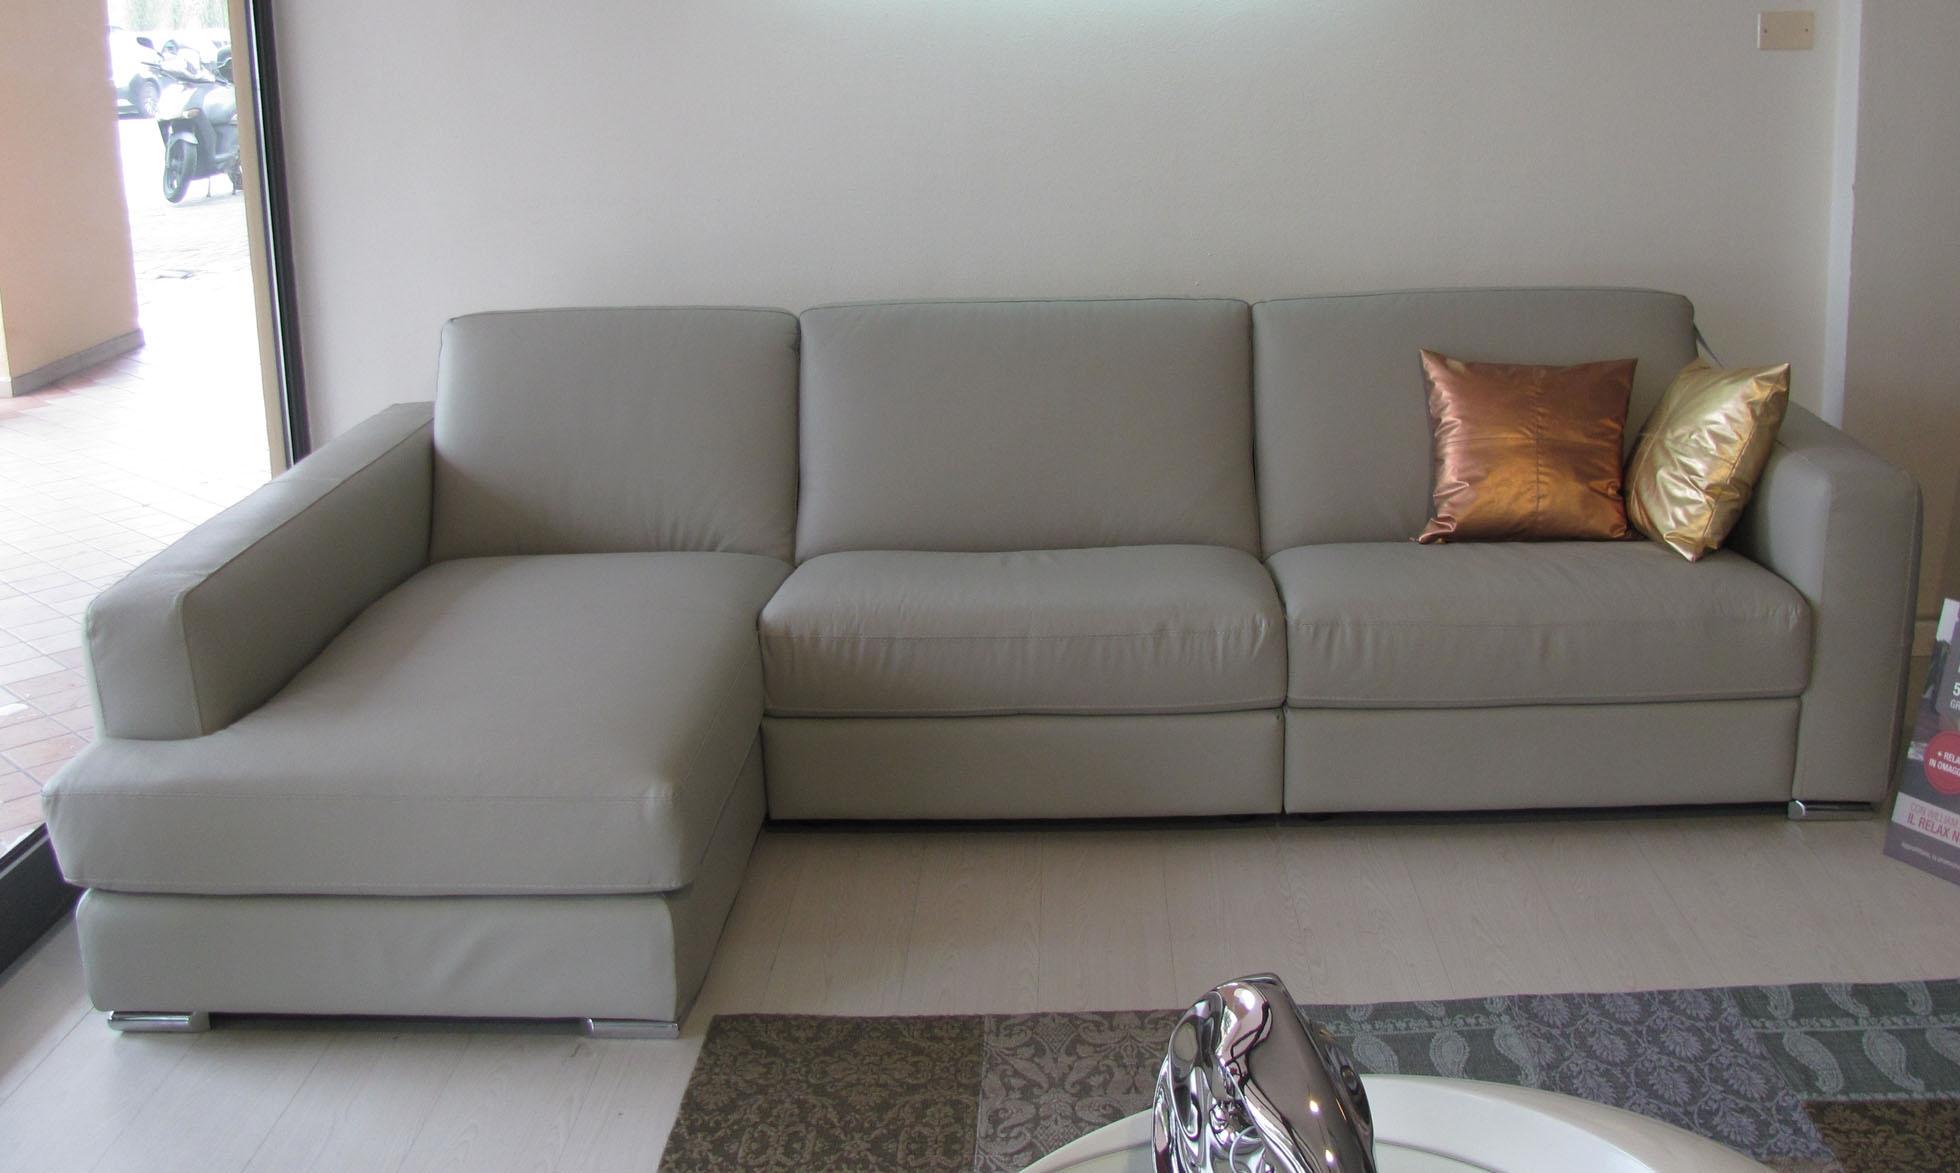 Divano doimo sofas scontato 20872 divani a prezzi scontati - Divano divani ...